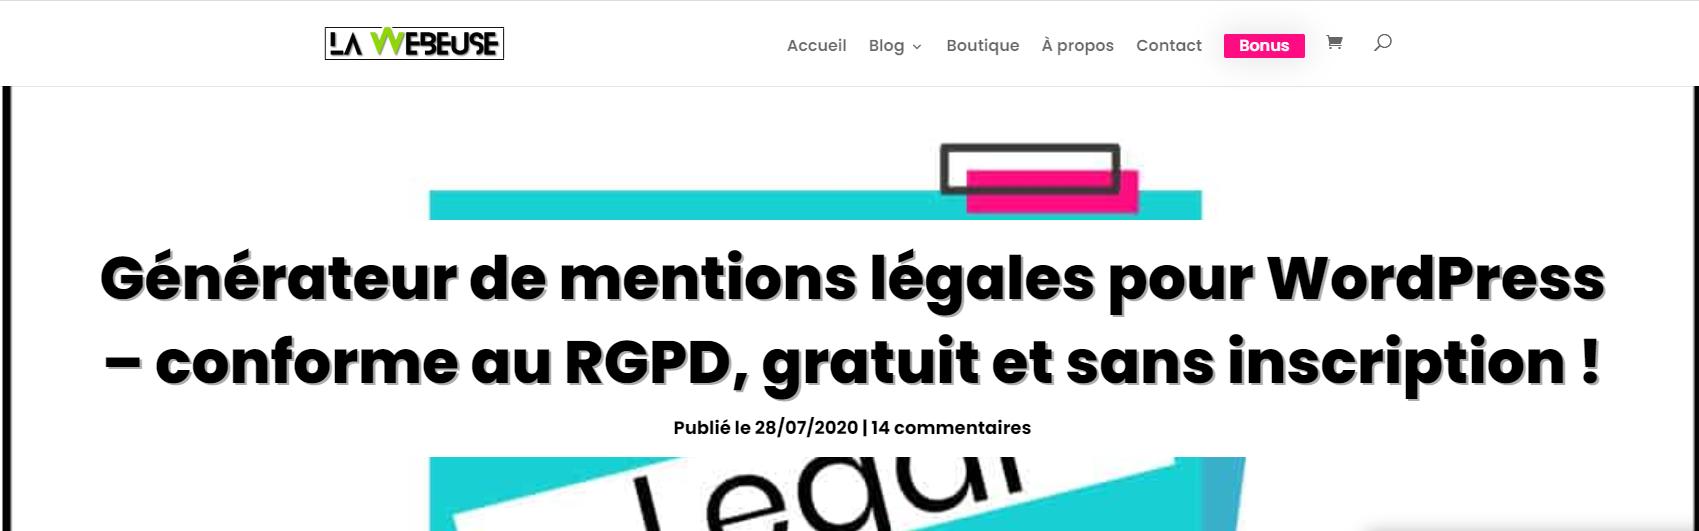 la webeuse generateur mentions legales